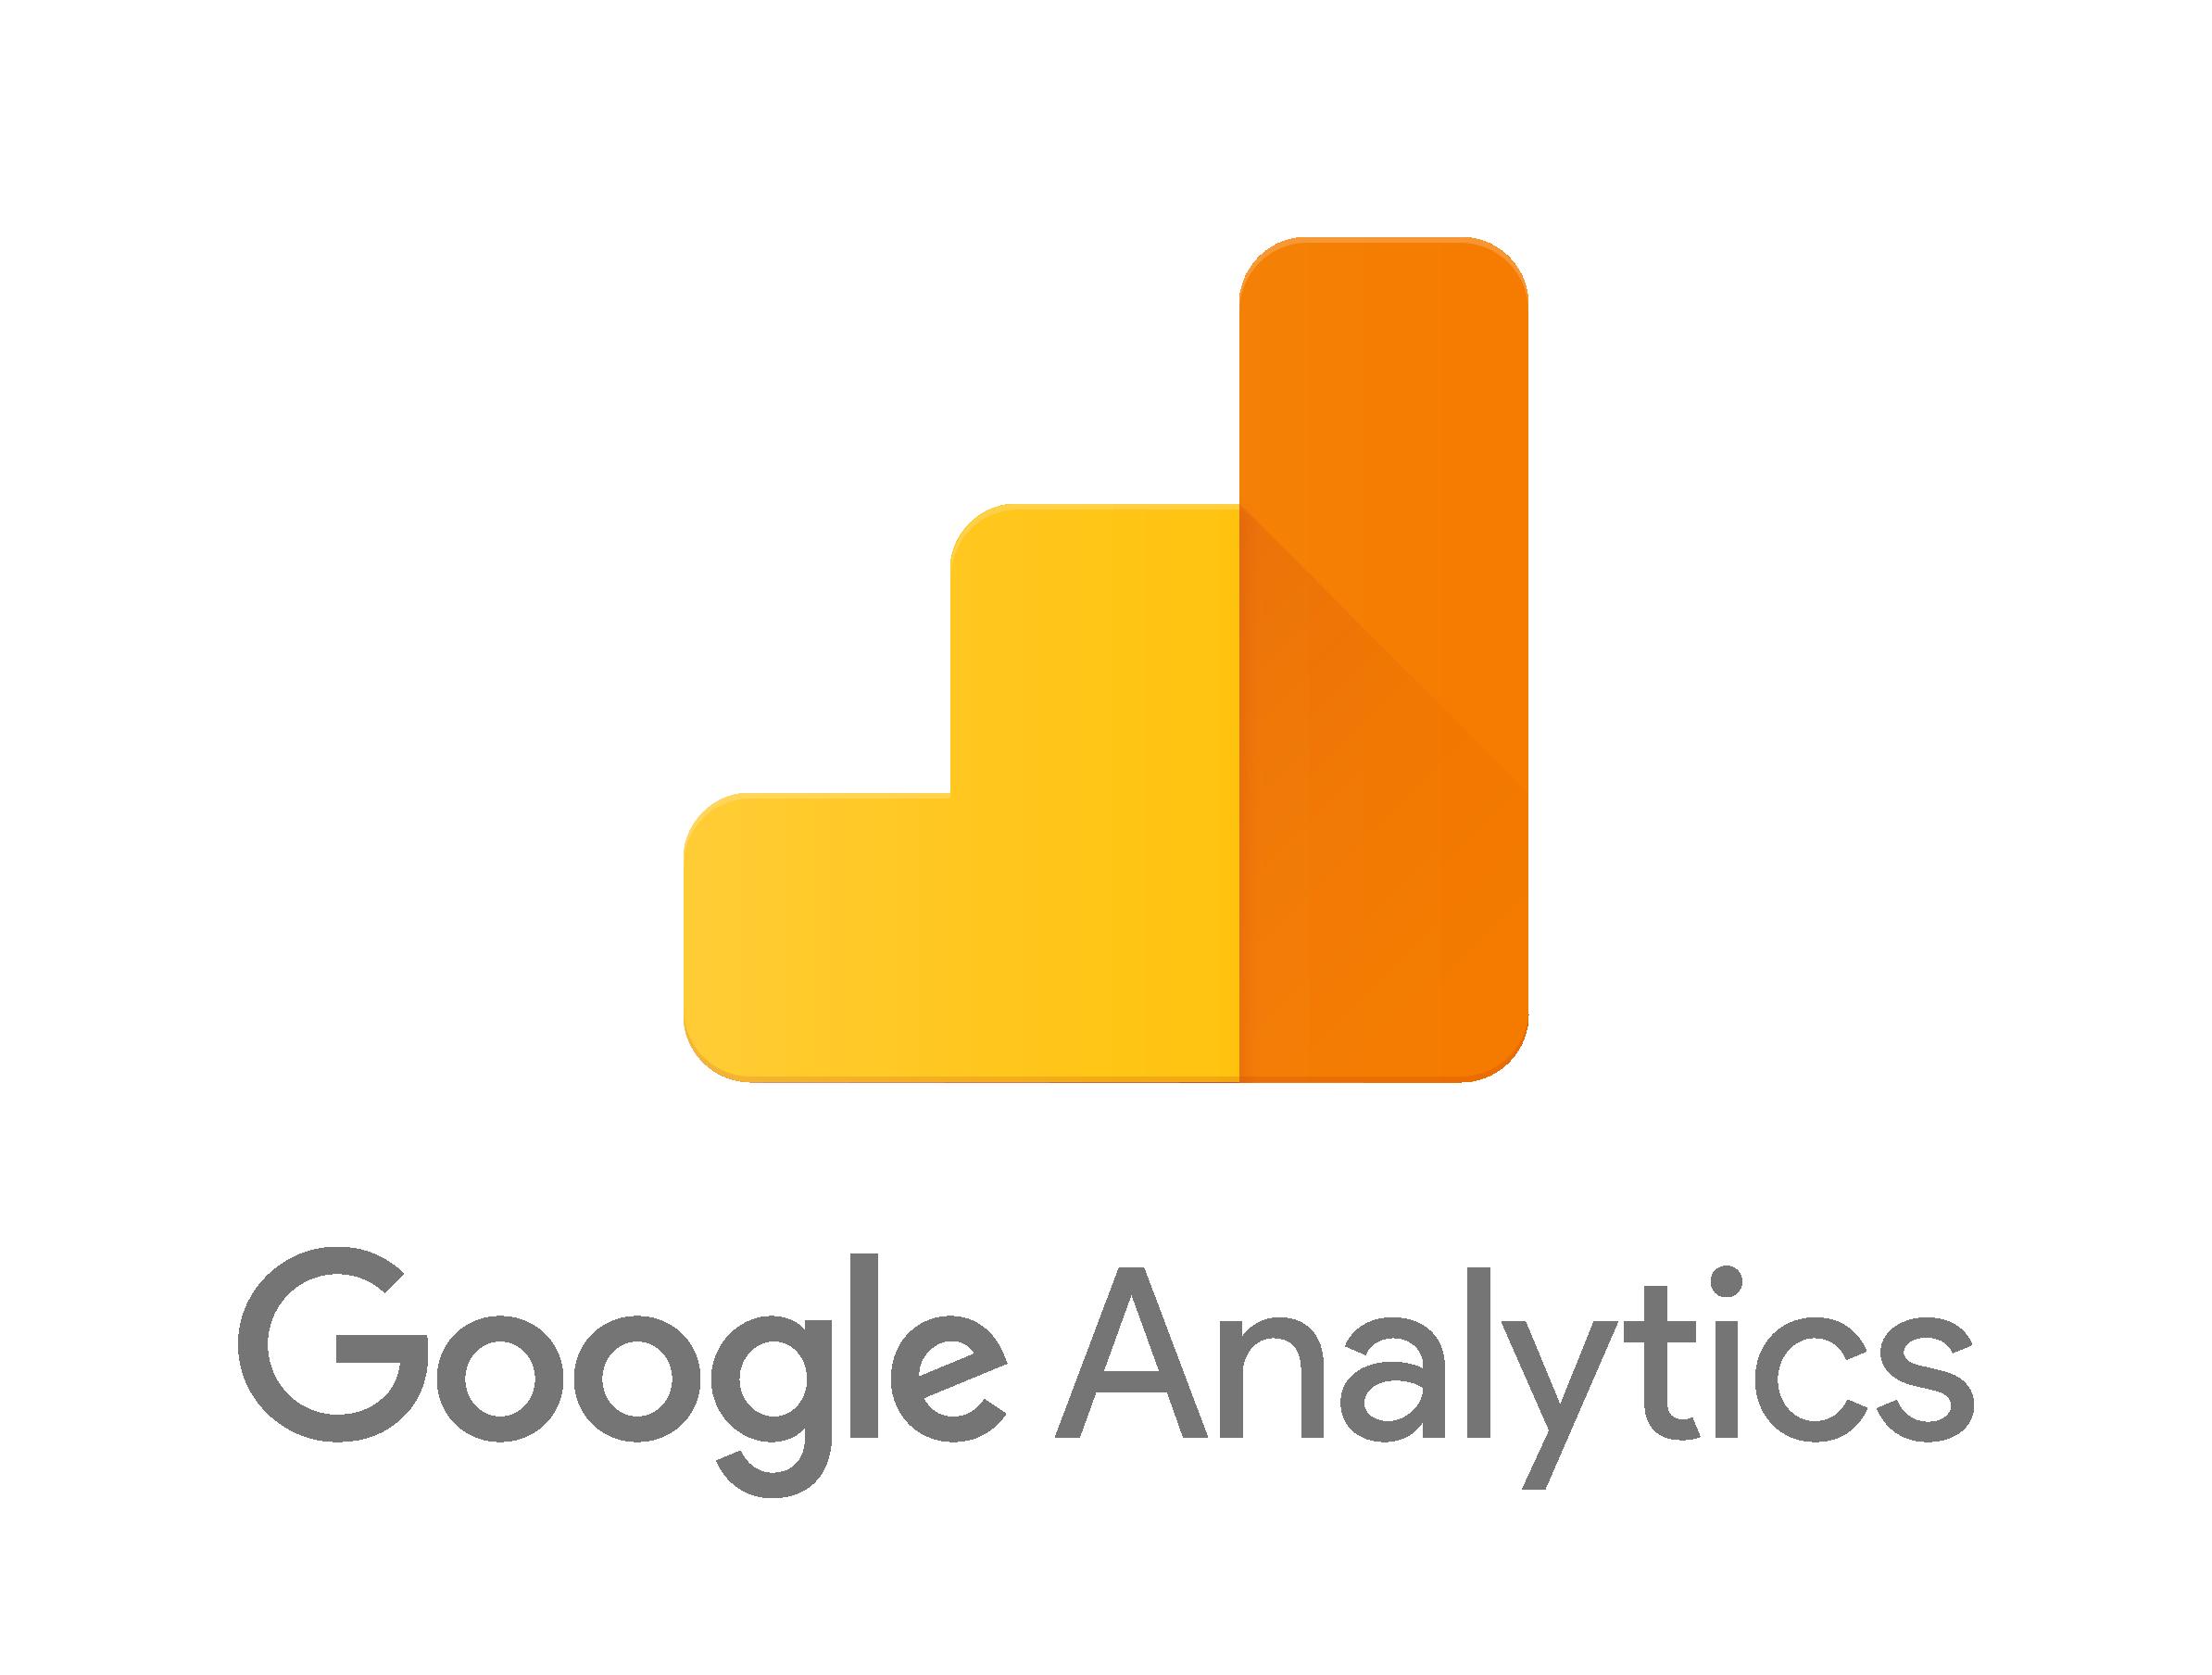 Image du logo Google analytics